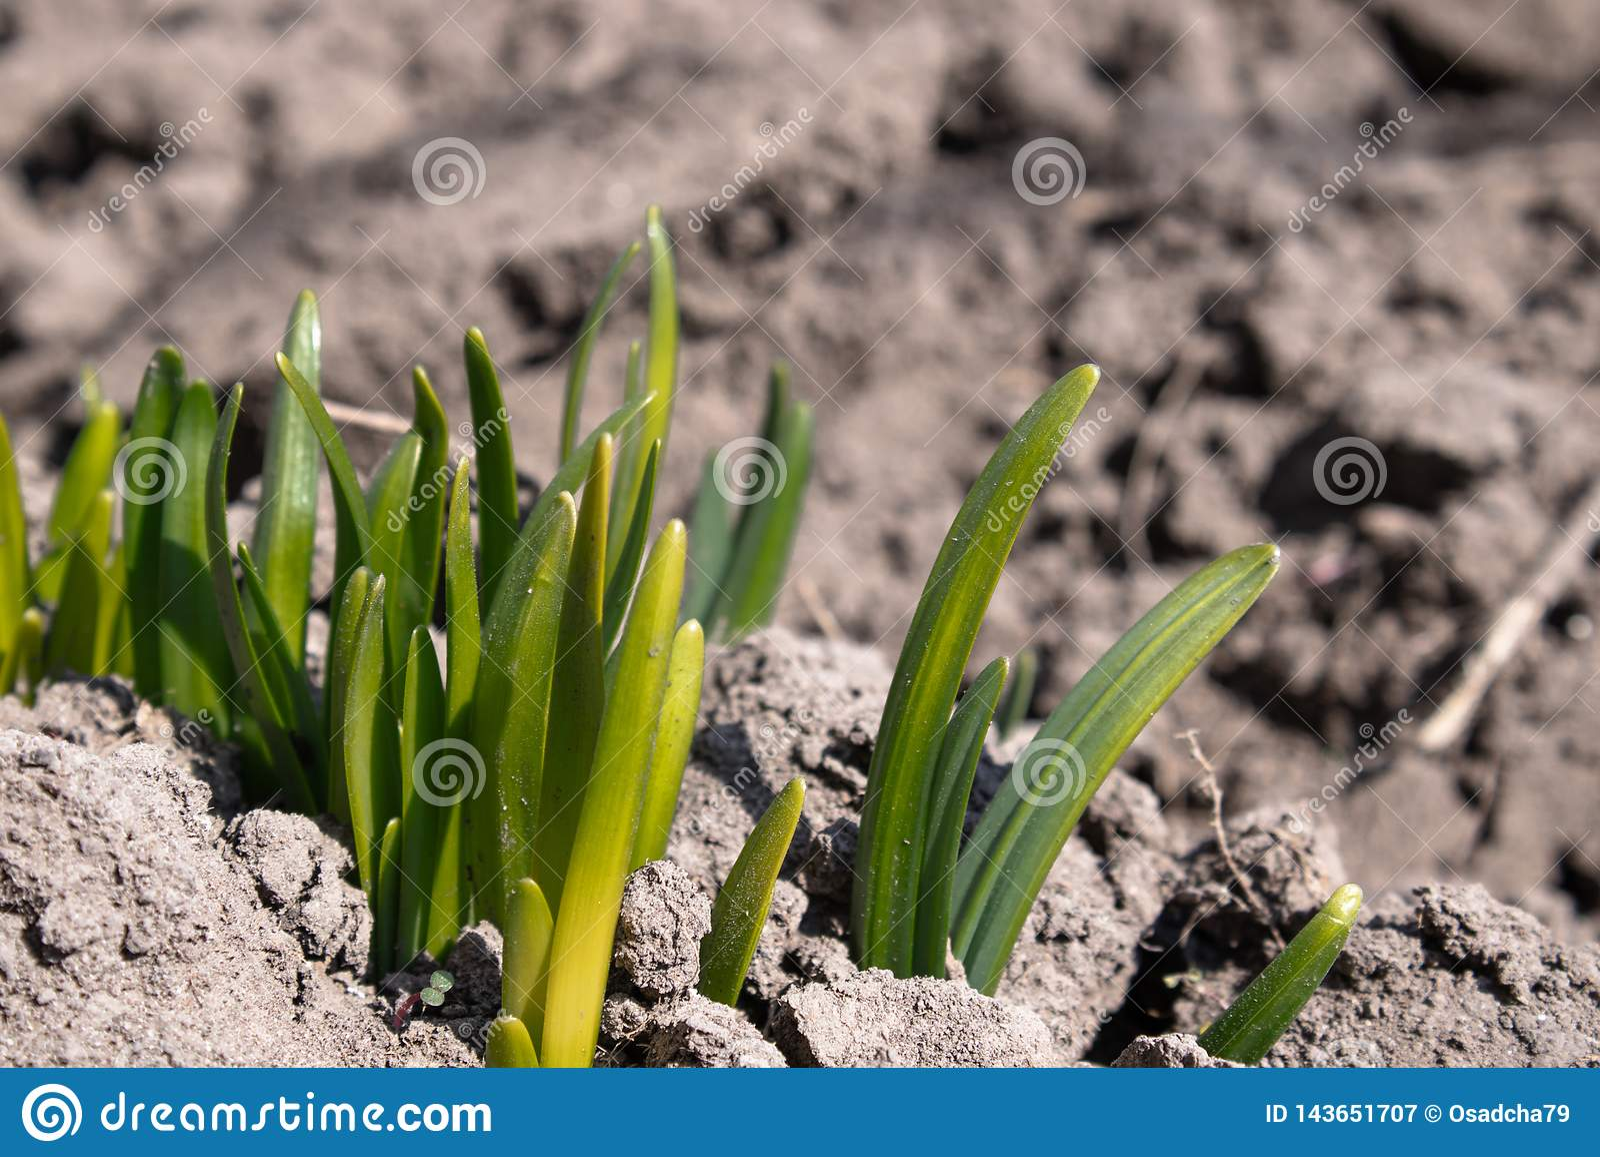 Die Wurzeln von Blumen keimen mit zamly Blumen wachsen im Frühjahr